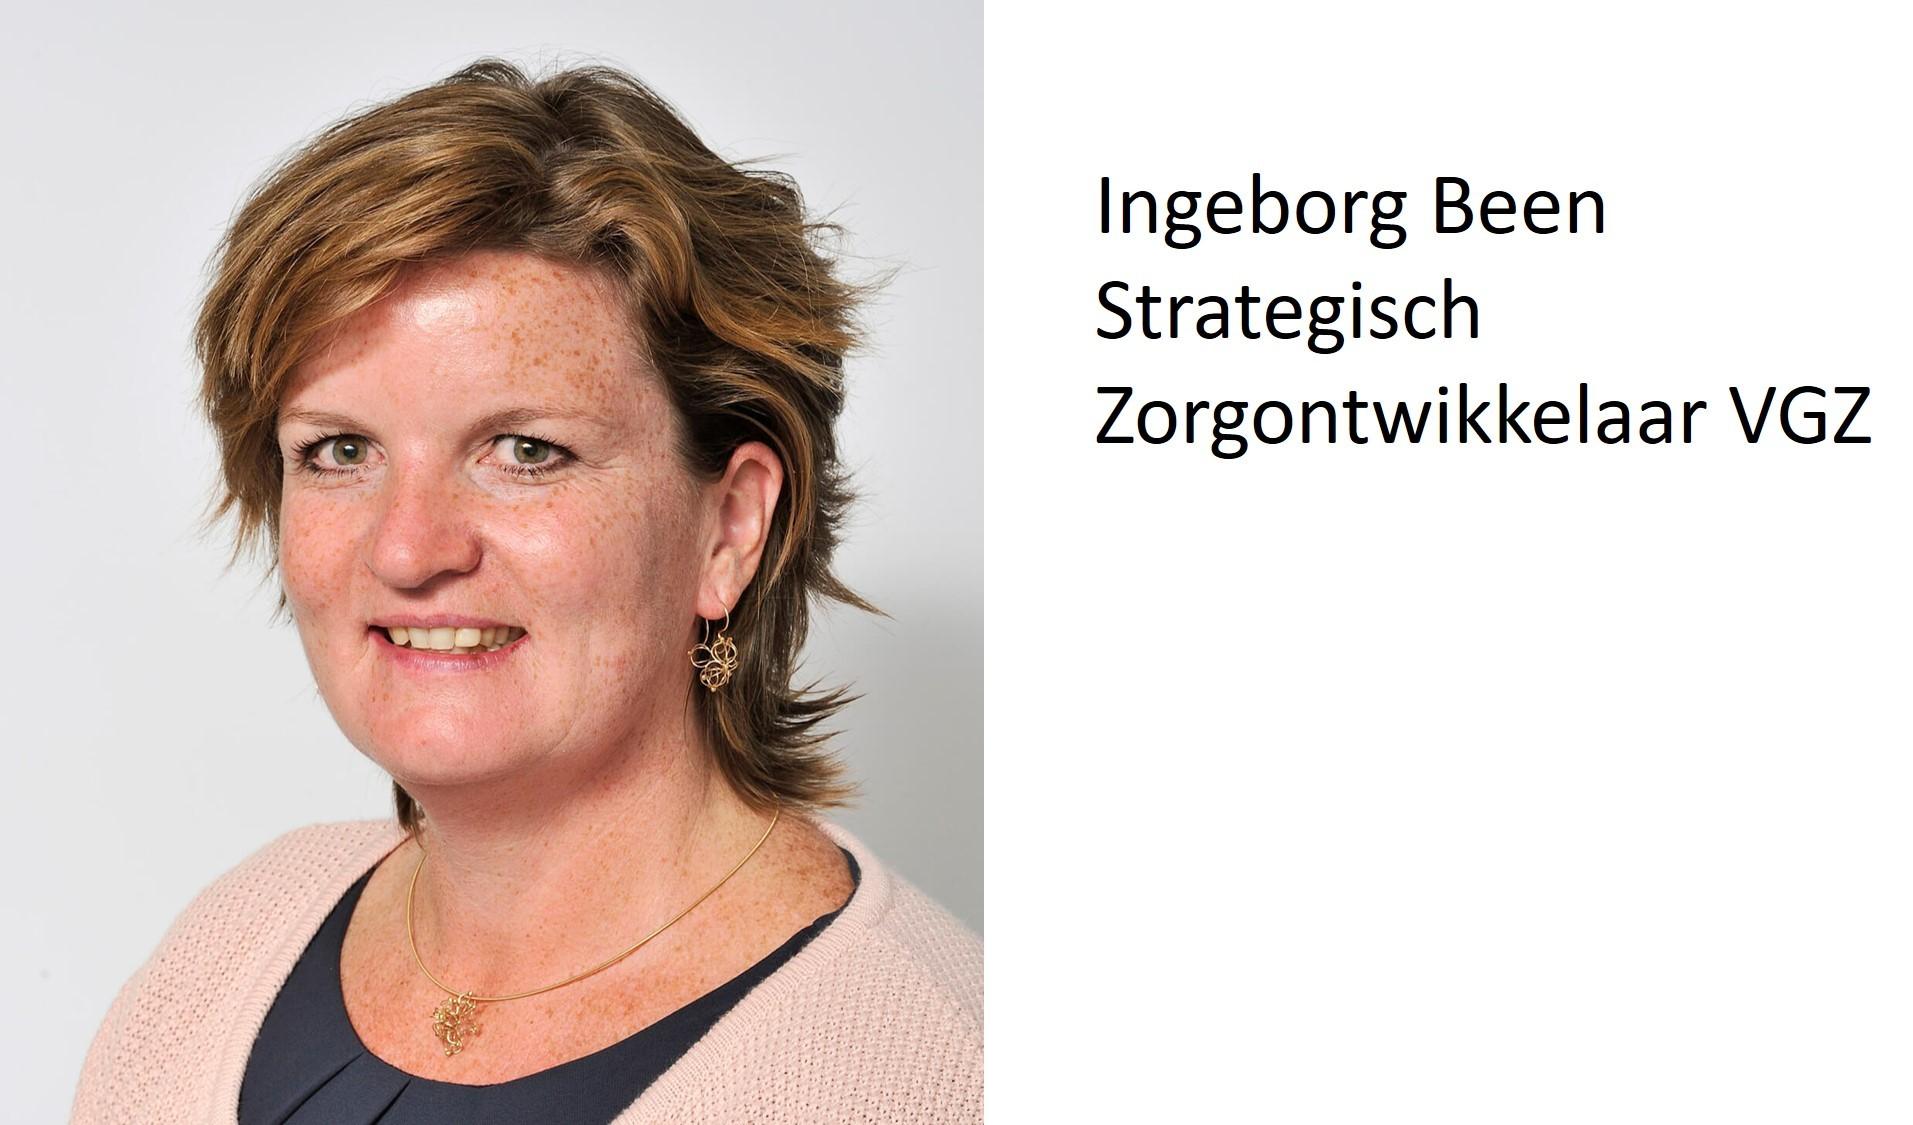 Ingeborg Been